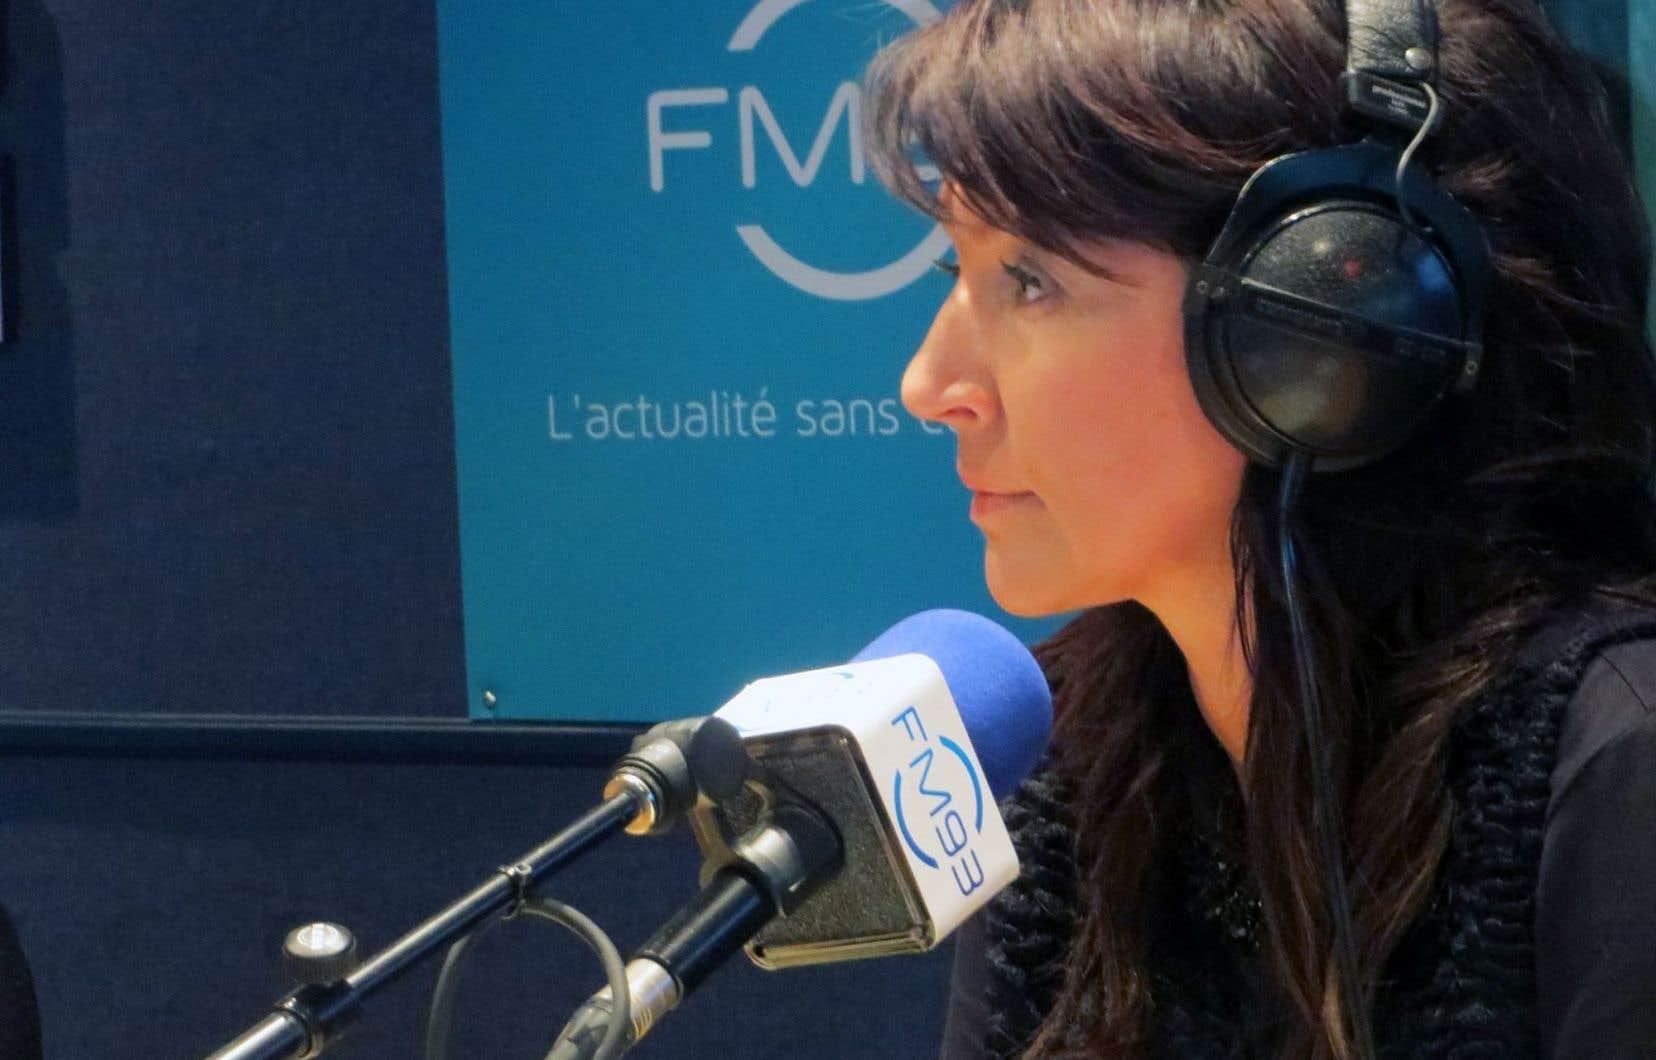 Rapidement, jeudi matin, la station de Québec a modifié le visuel de son émission pour la renommer tout simplement «Duhaime».